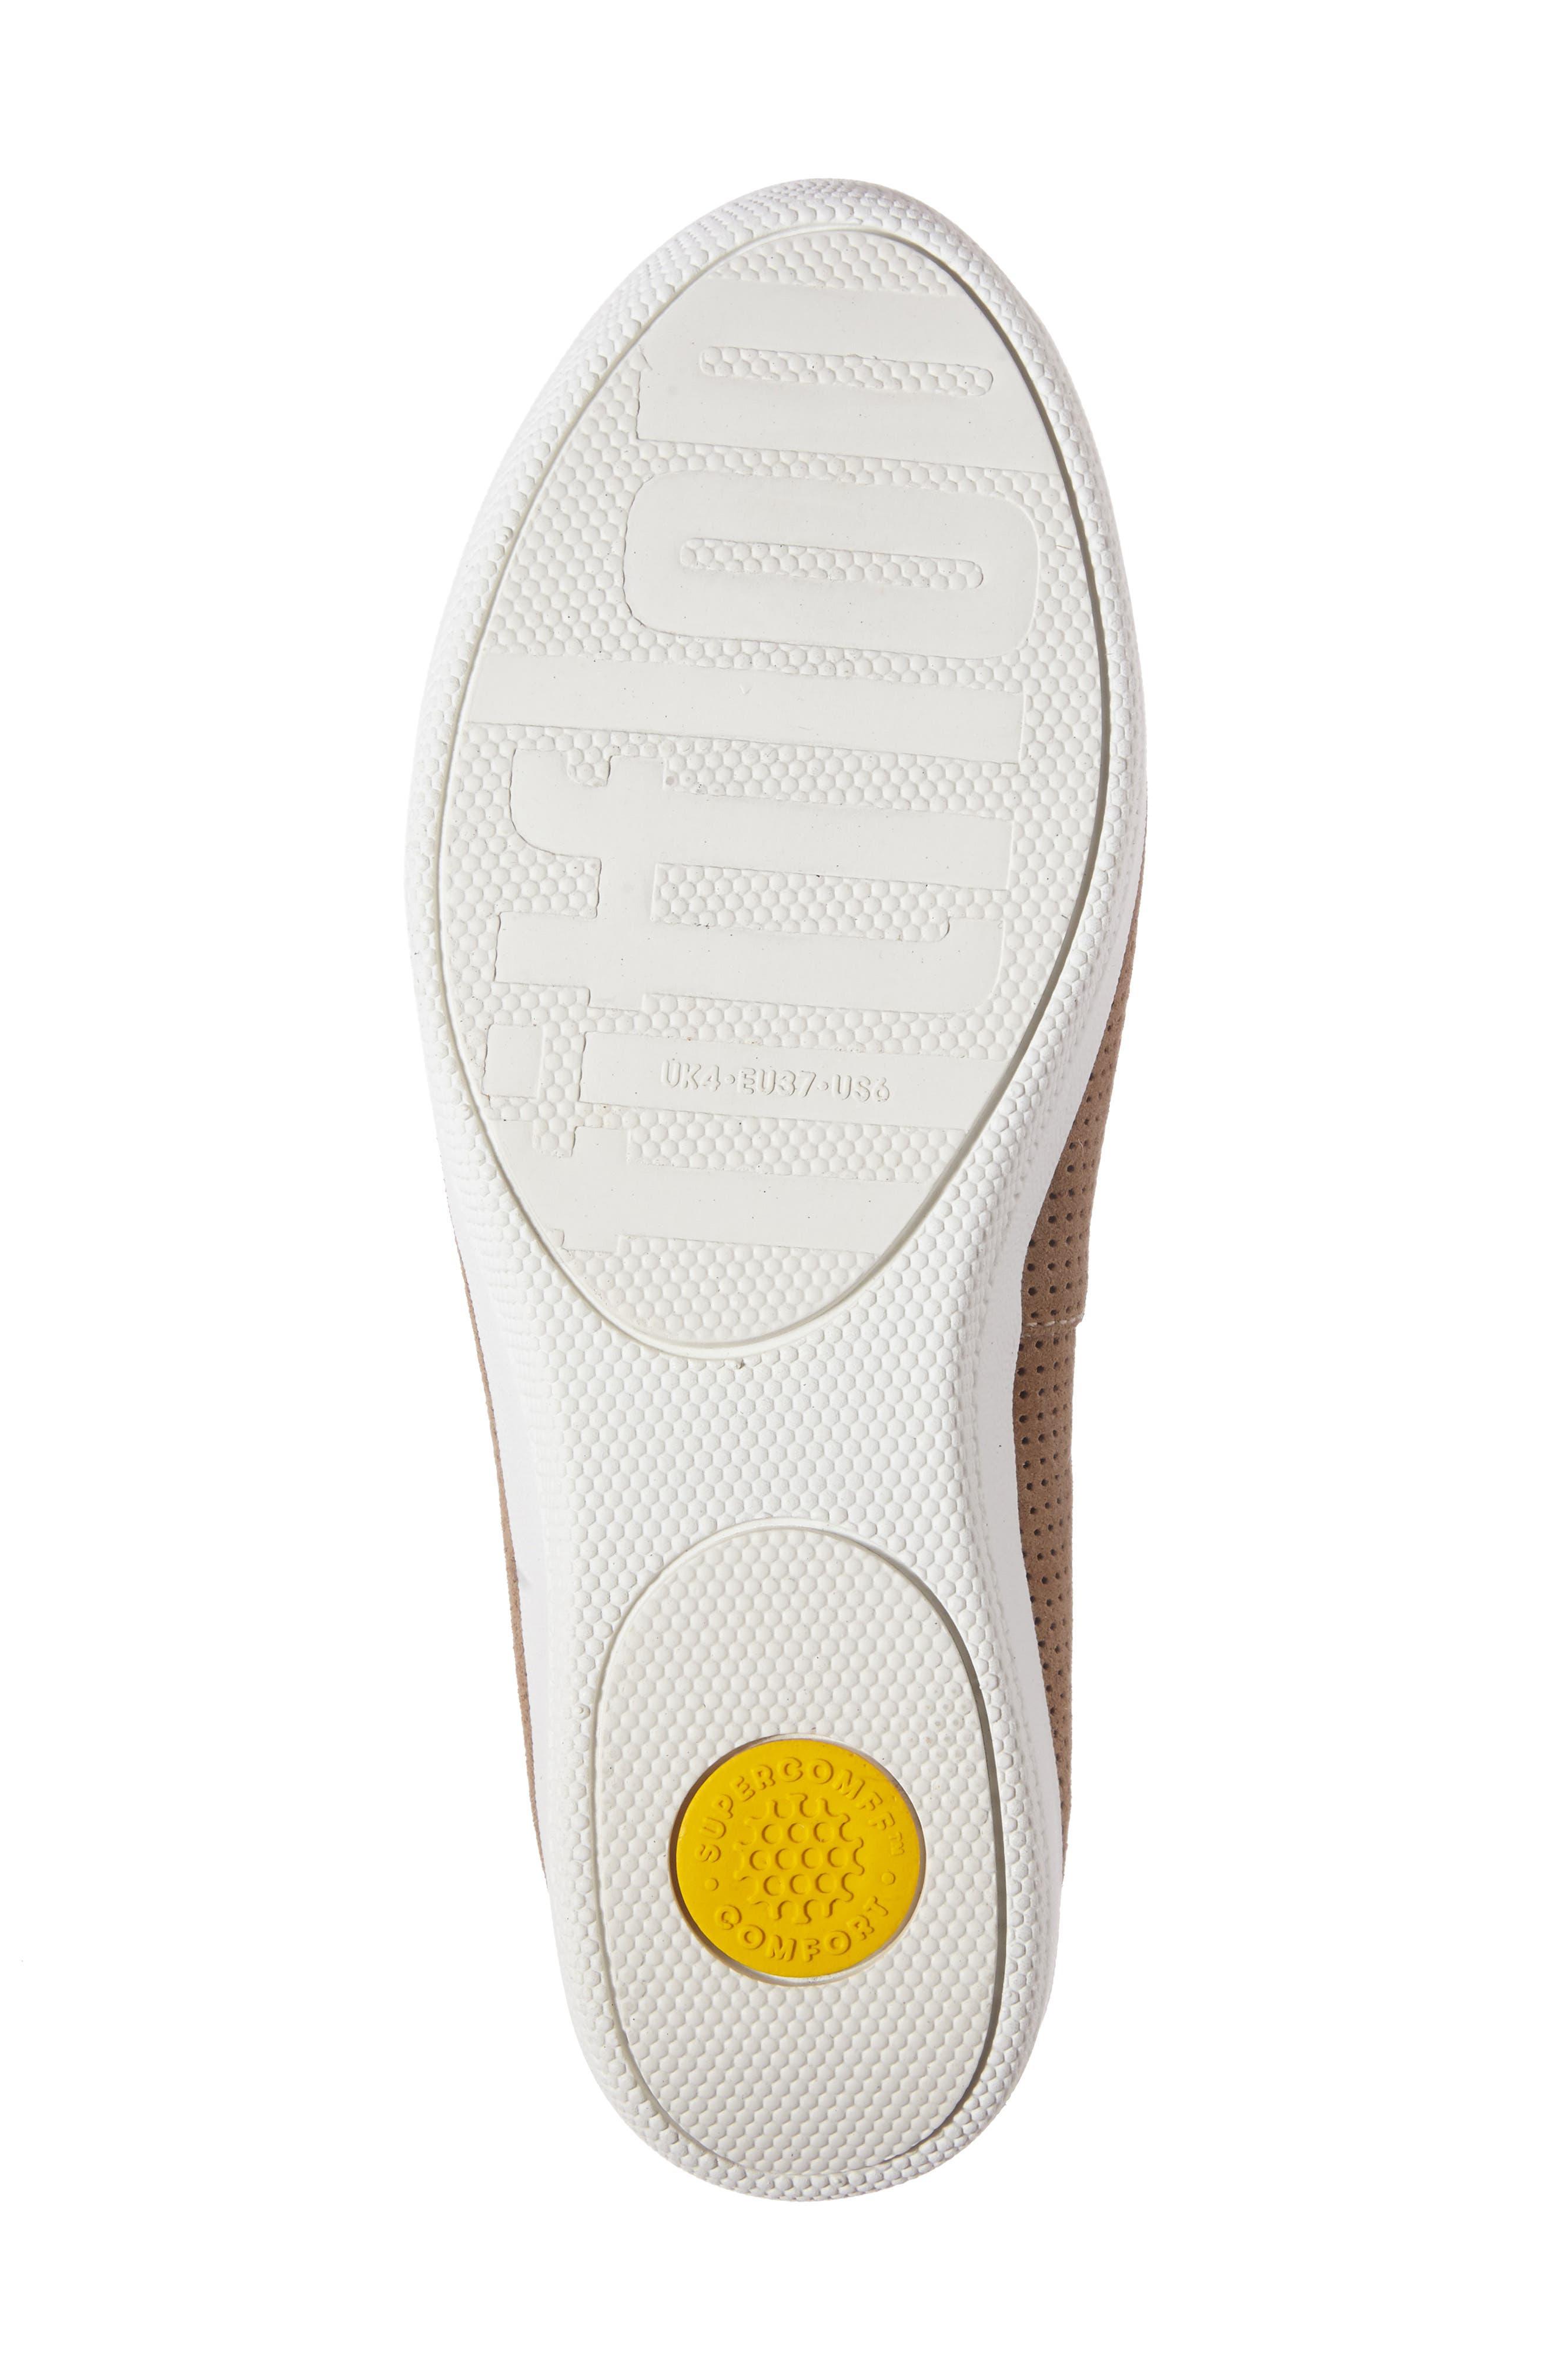 Superskate Slip-On Sneaker,                             Alternate thumbnail 70, color,